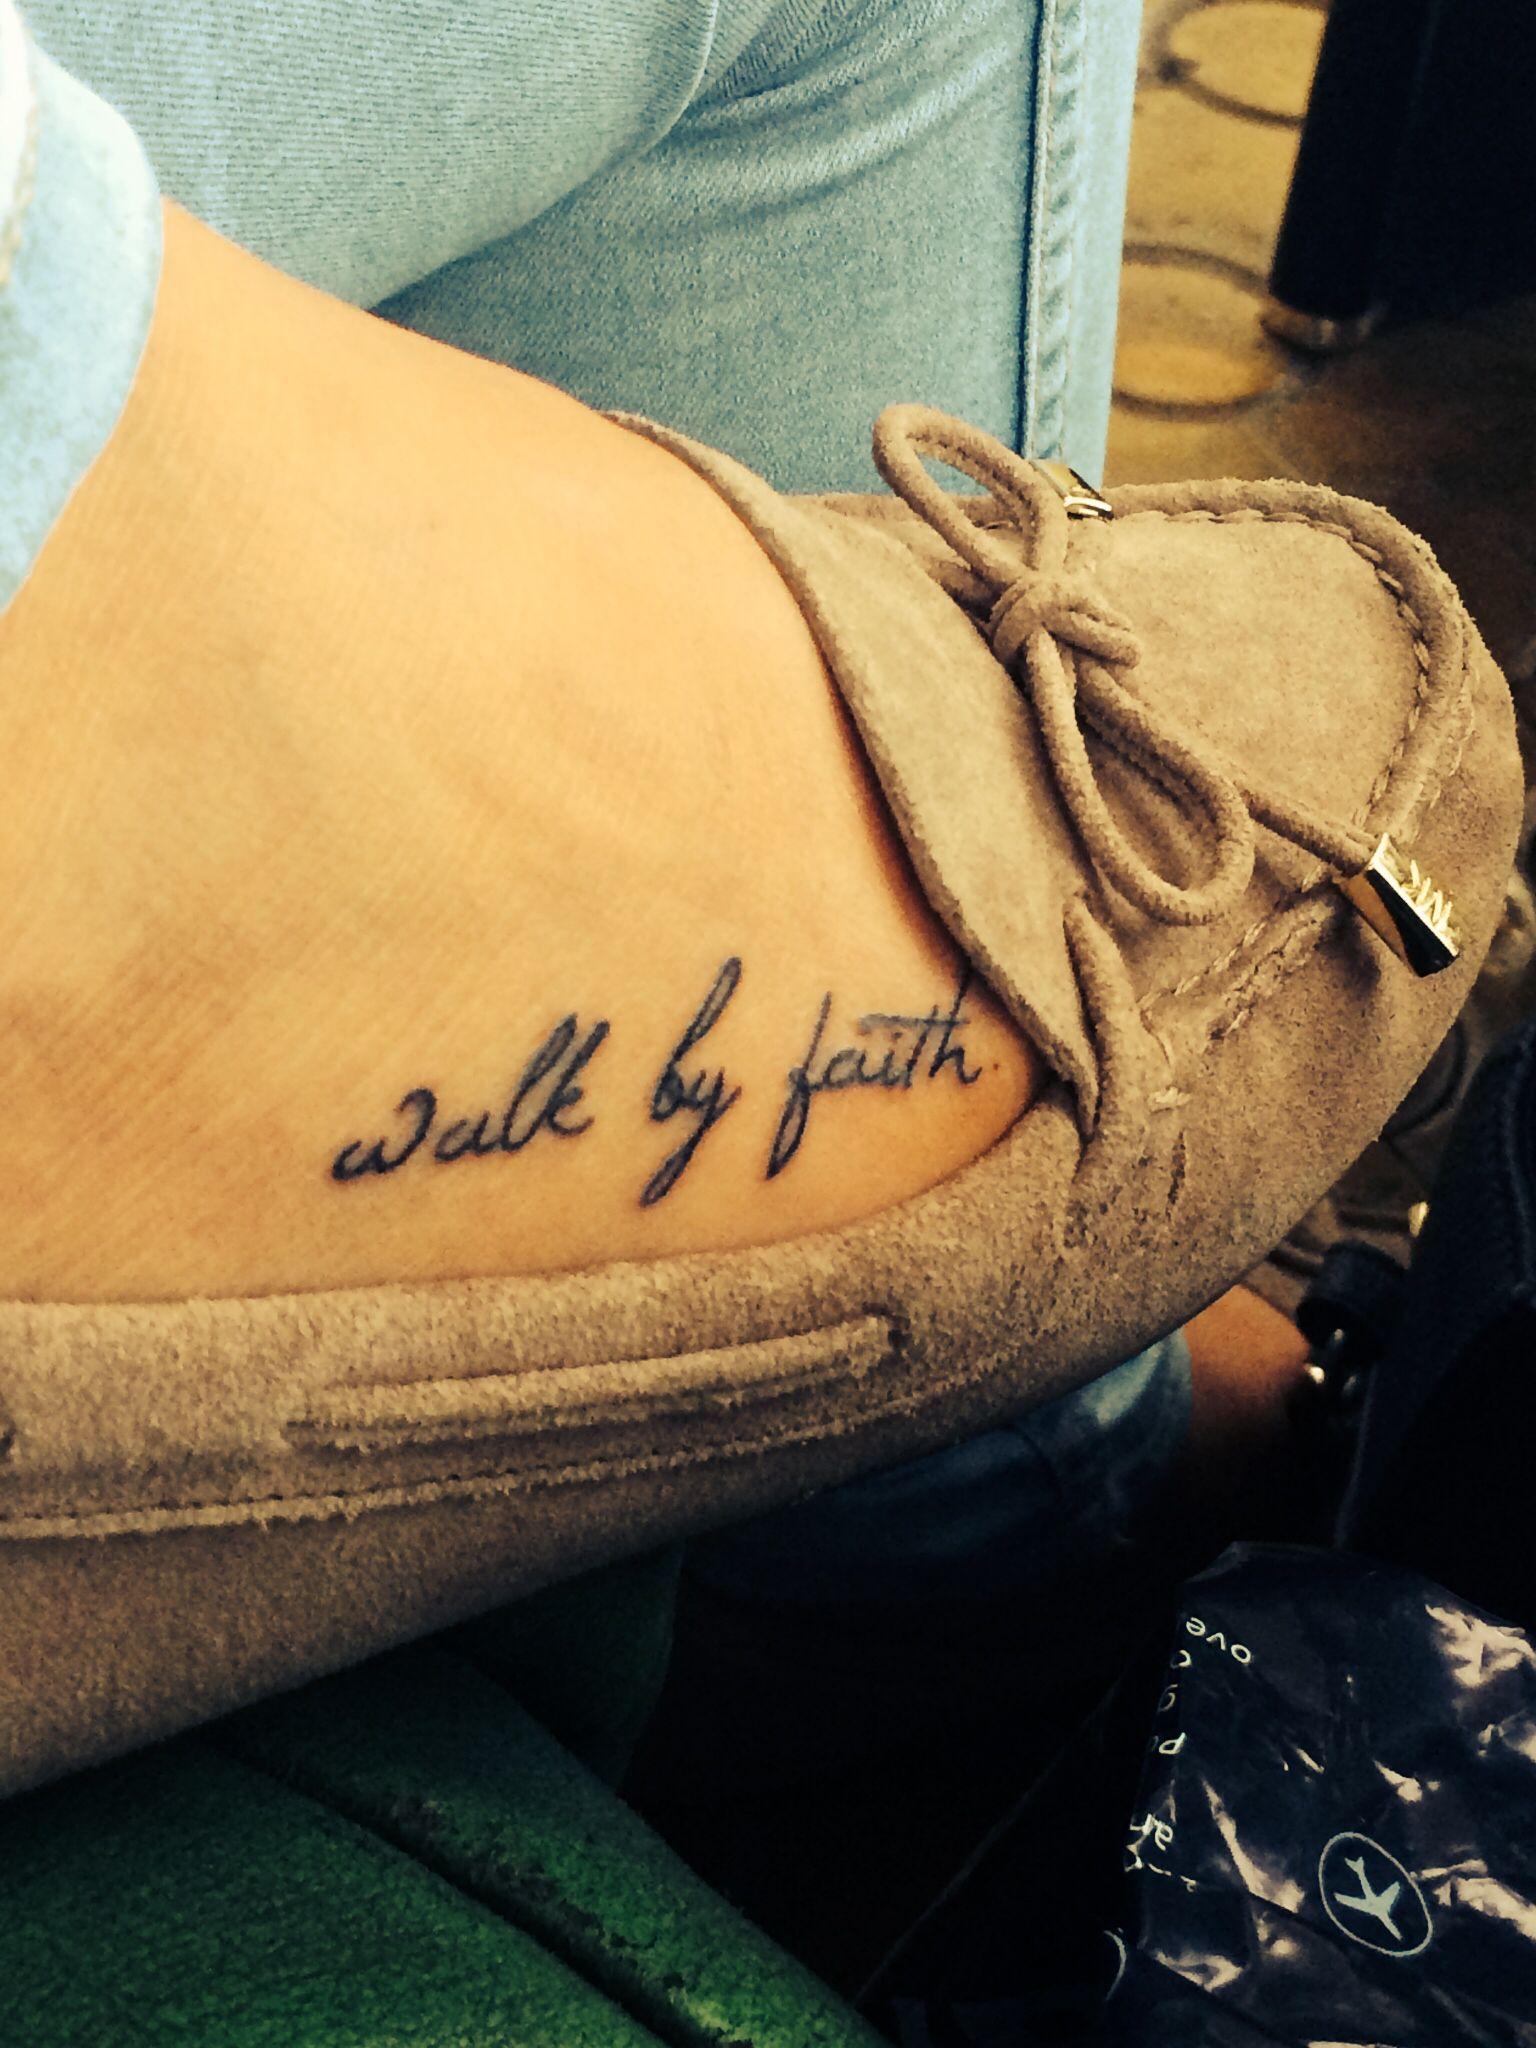 Tattoo Ideas Small Walk By Faith Foot Shoes Tats Pinterest